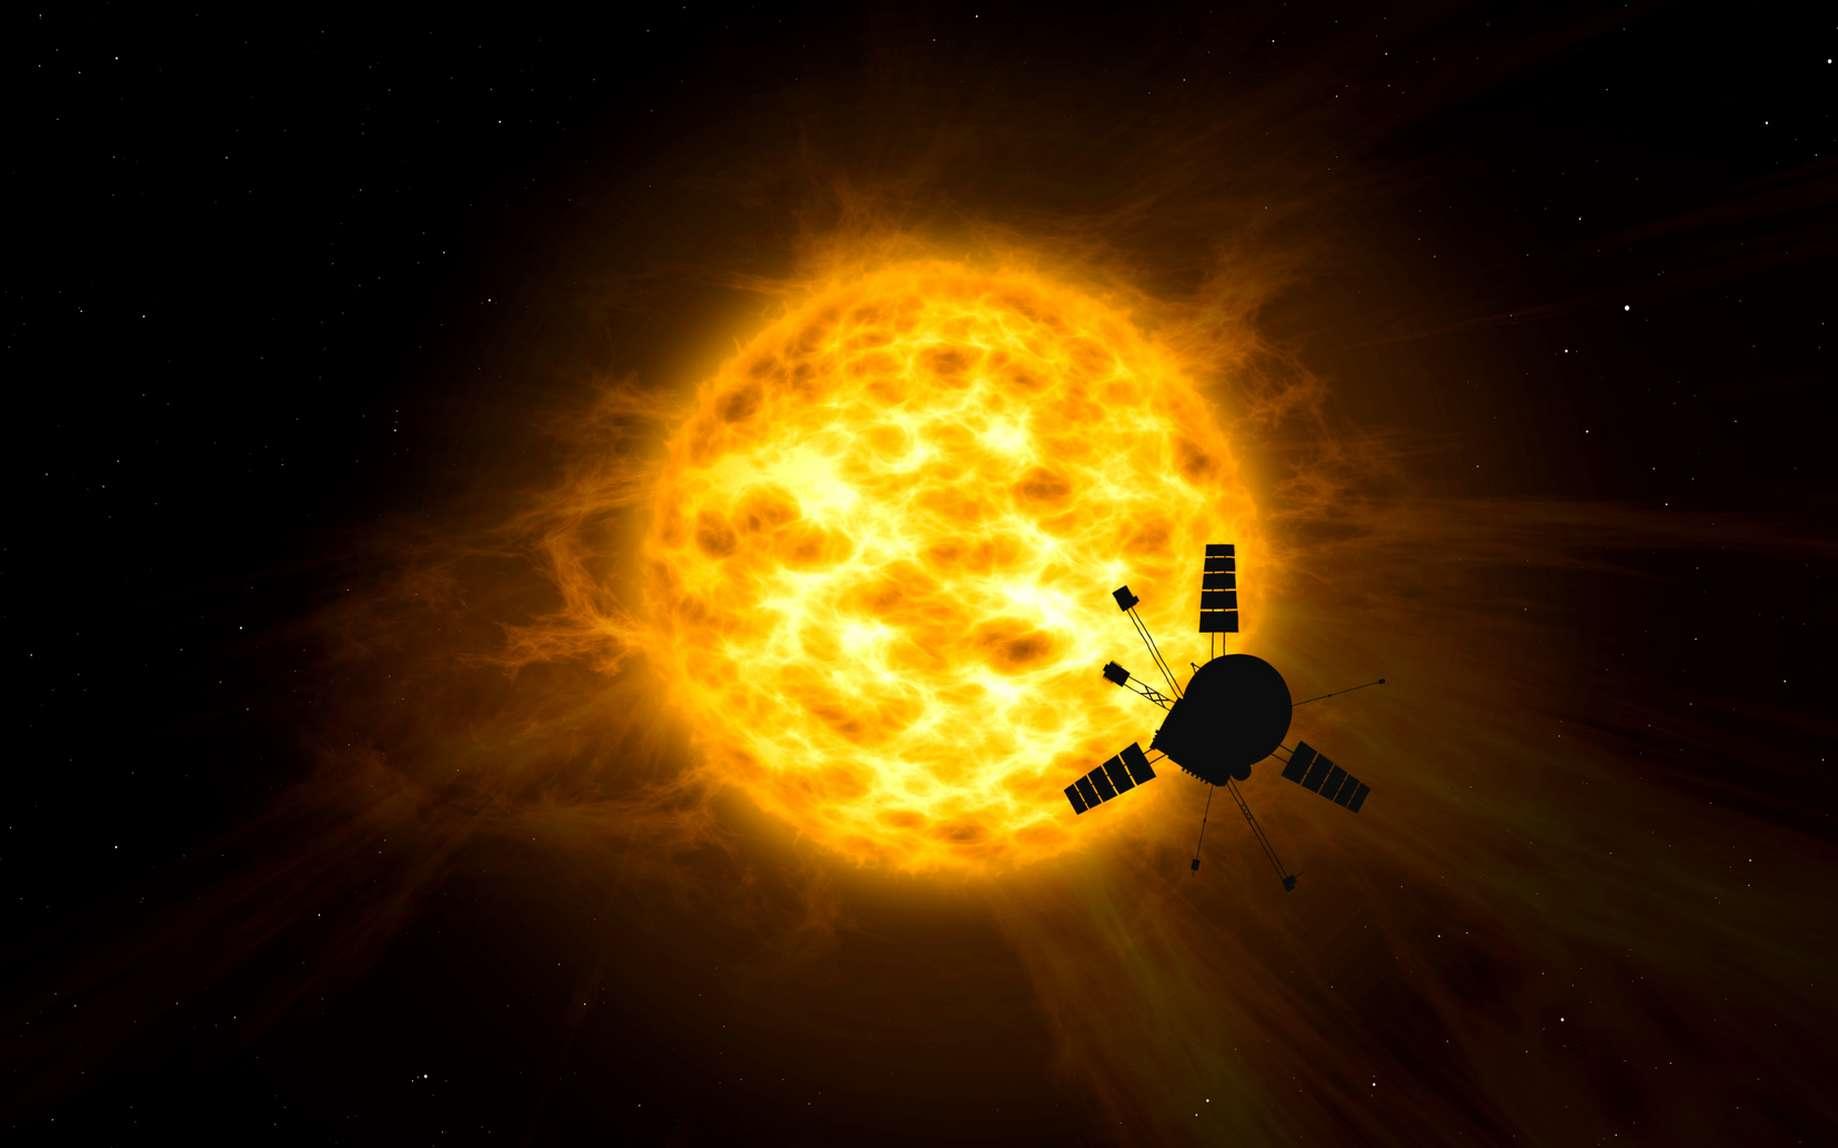 L'activité du Soleil pourrait perturber des infrastructures spatiales et terrestres. © Skórzewiak, Fotolia